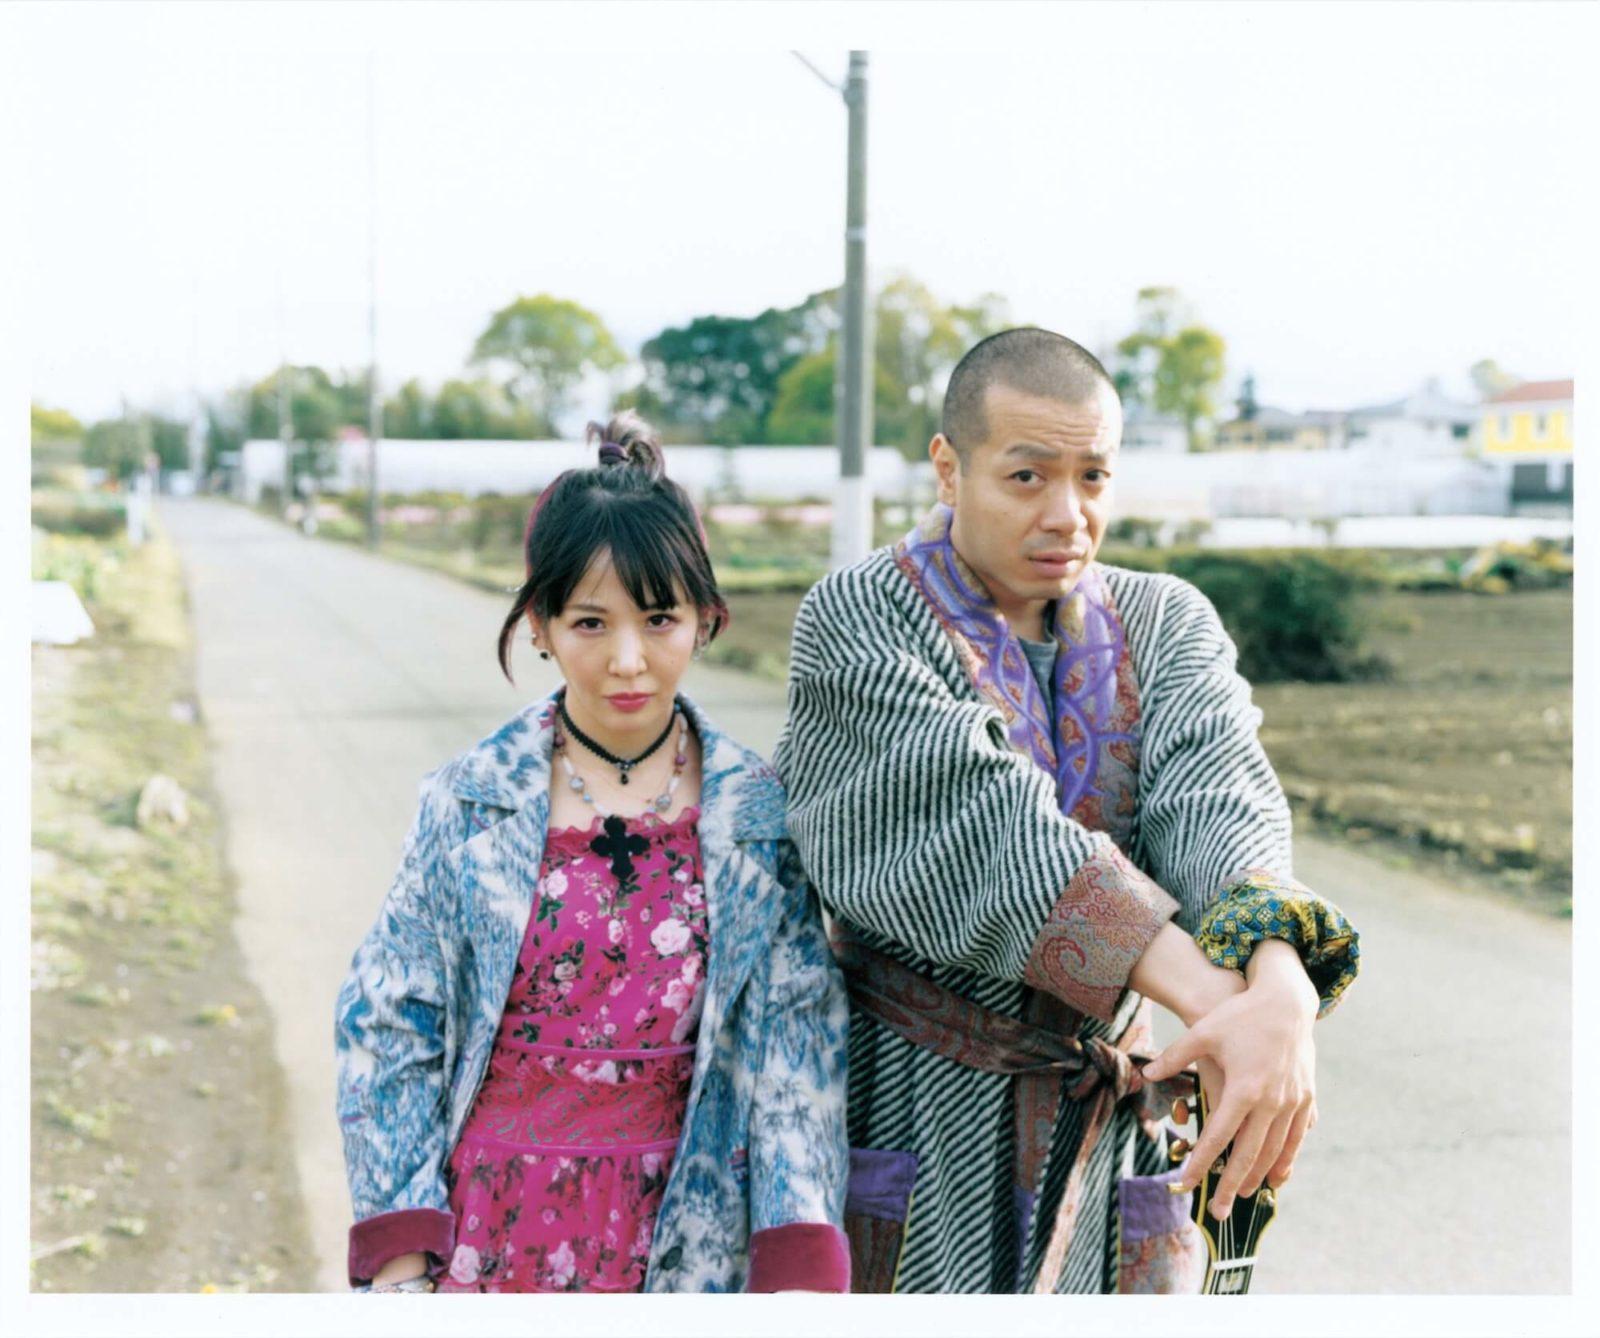 大森靖子、峯田和伸(銀杏BOYZ)と共作した「Re:Re:Love 大森靖子feat.峯田和伸」発売サムネイル画像